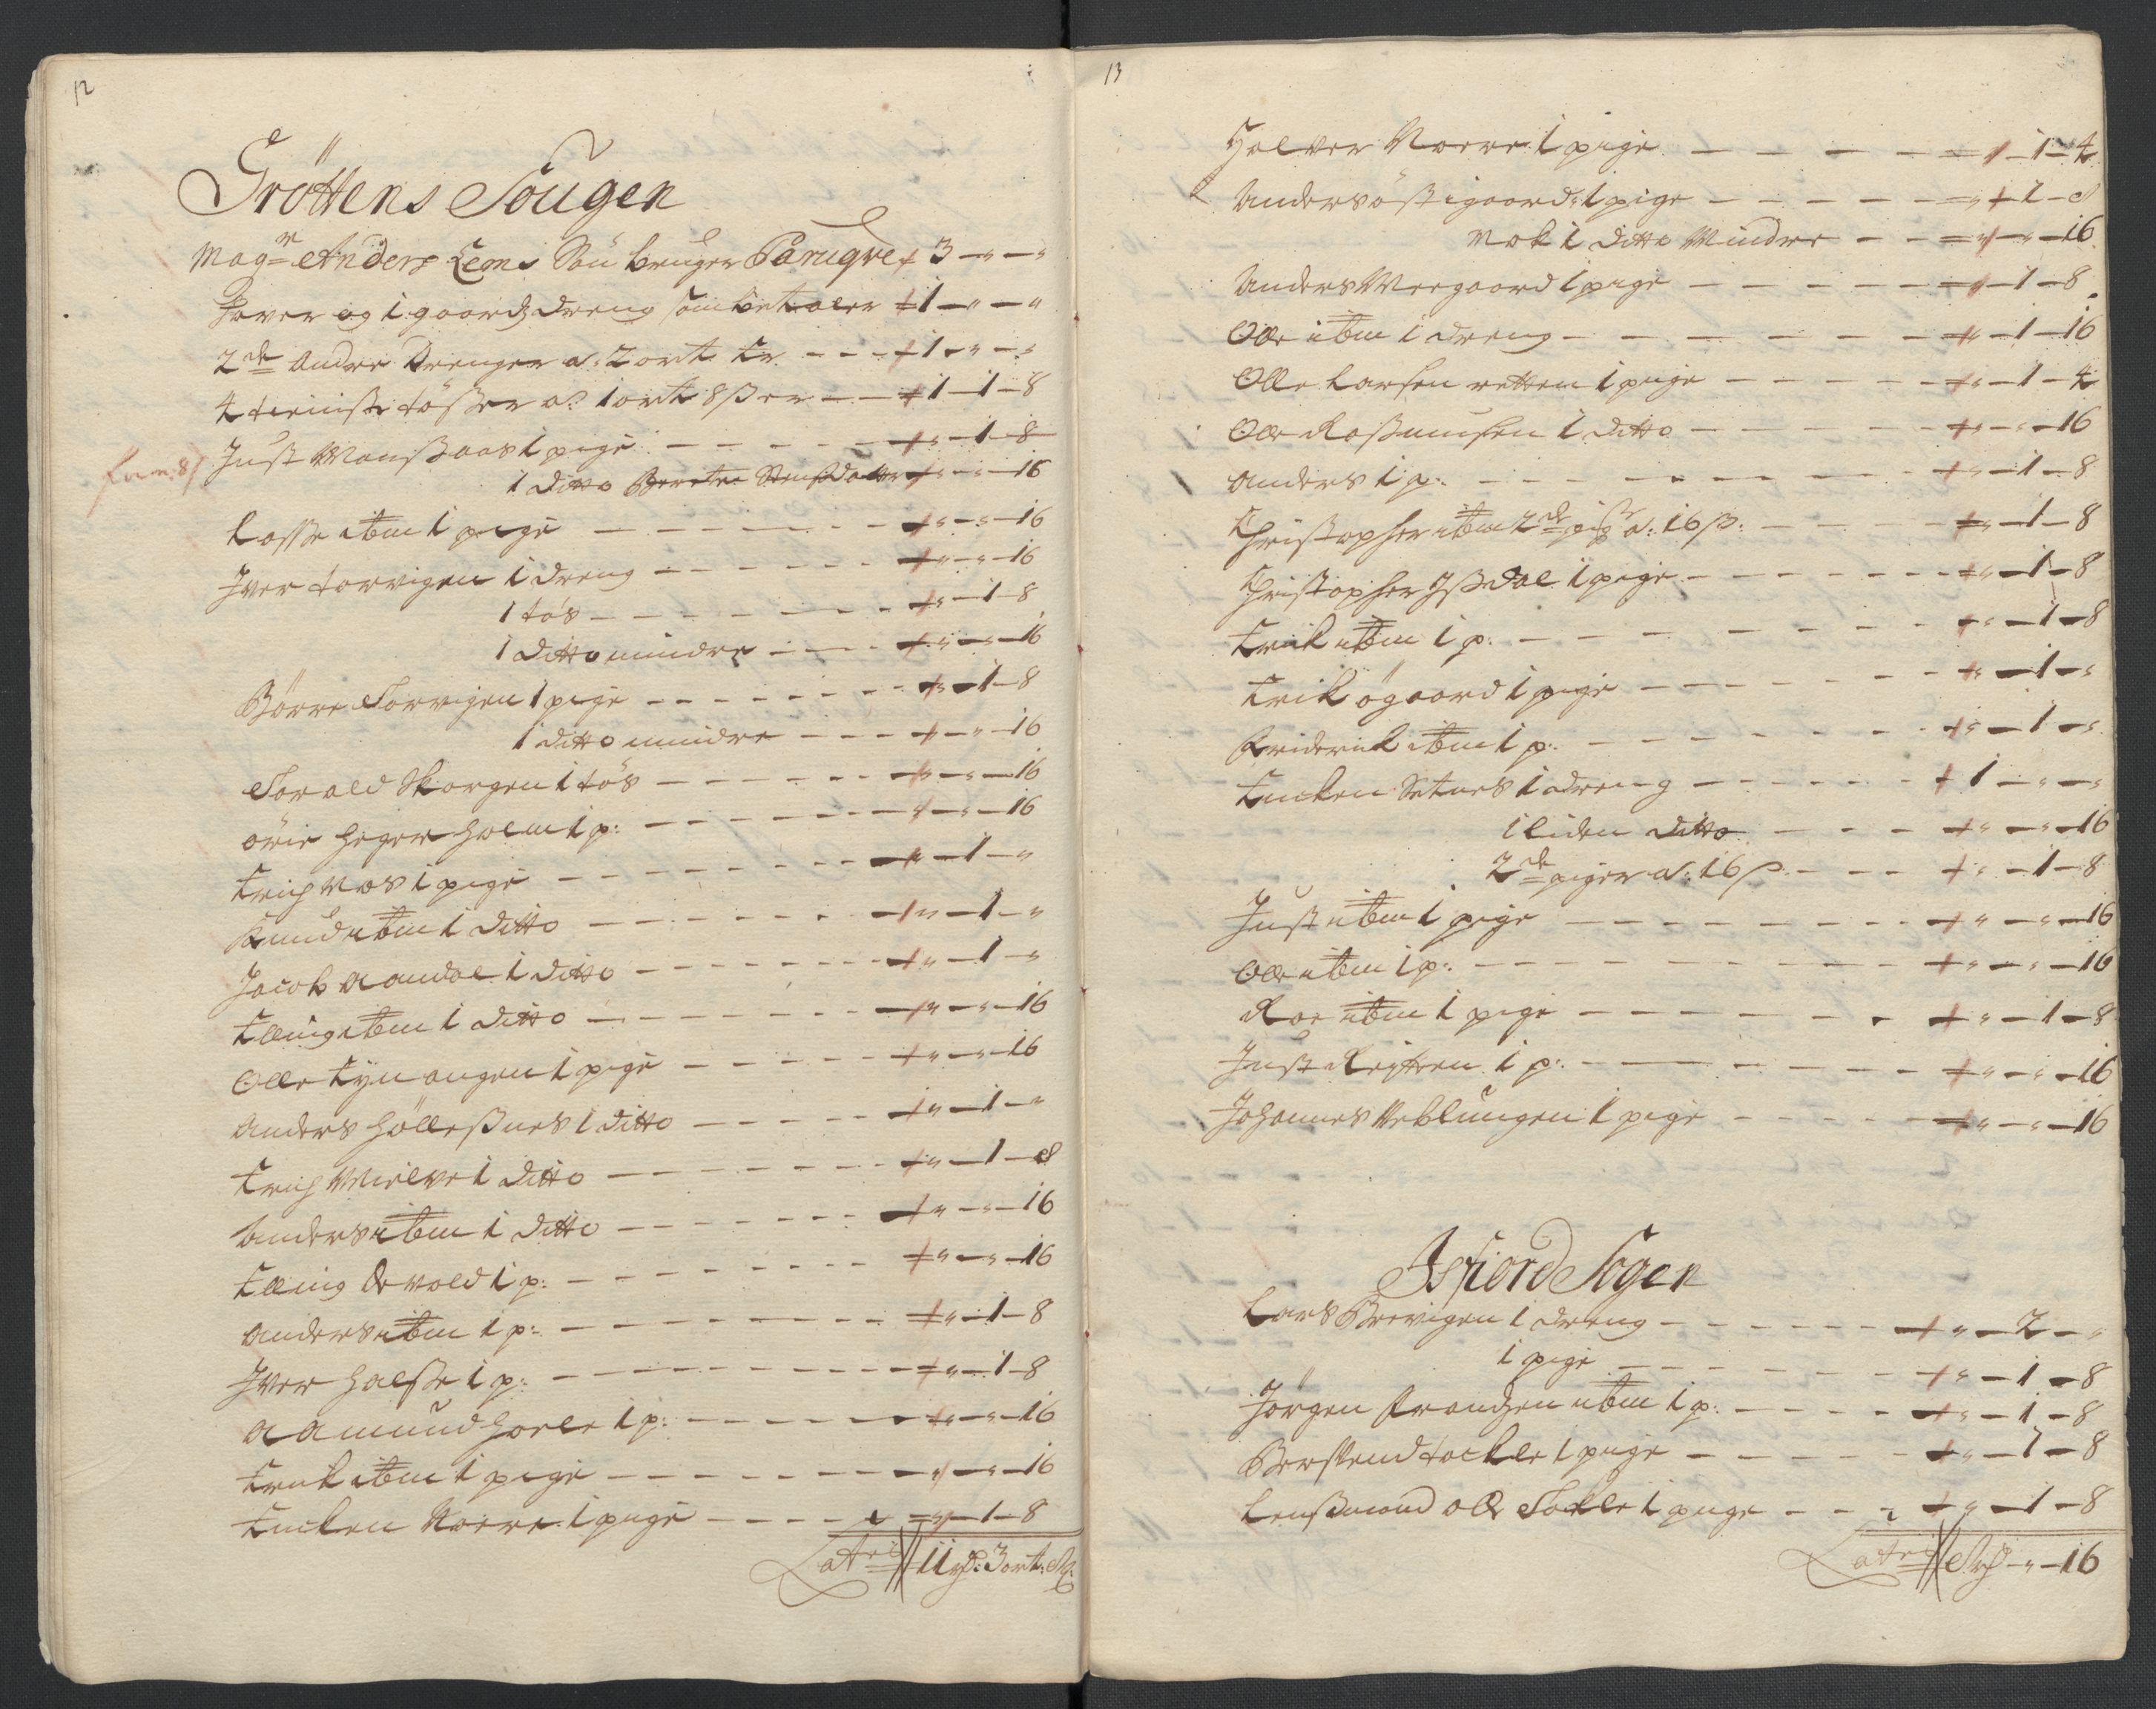 RA, Rentekammeret inntil 1814, Reviderte regnskaper, Fogderegnskap, R55/L3660: Fogderegnskap Romsdal, 1711, p. 137